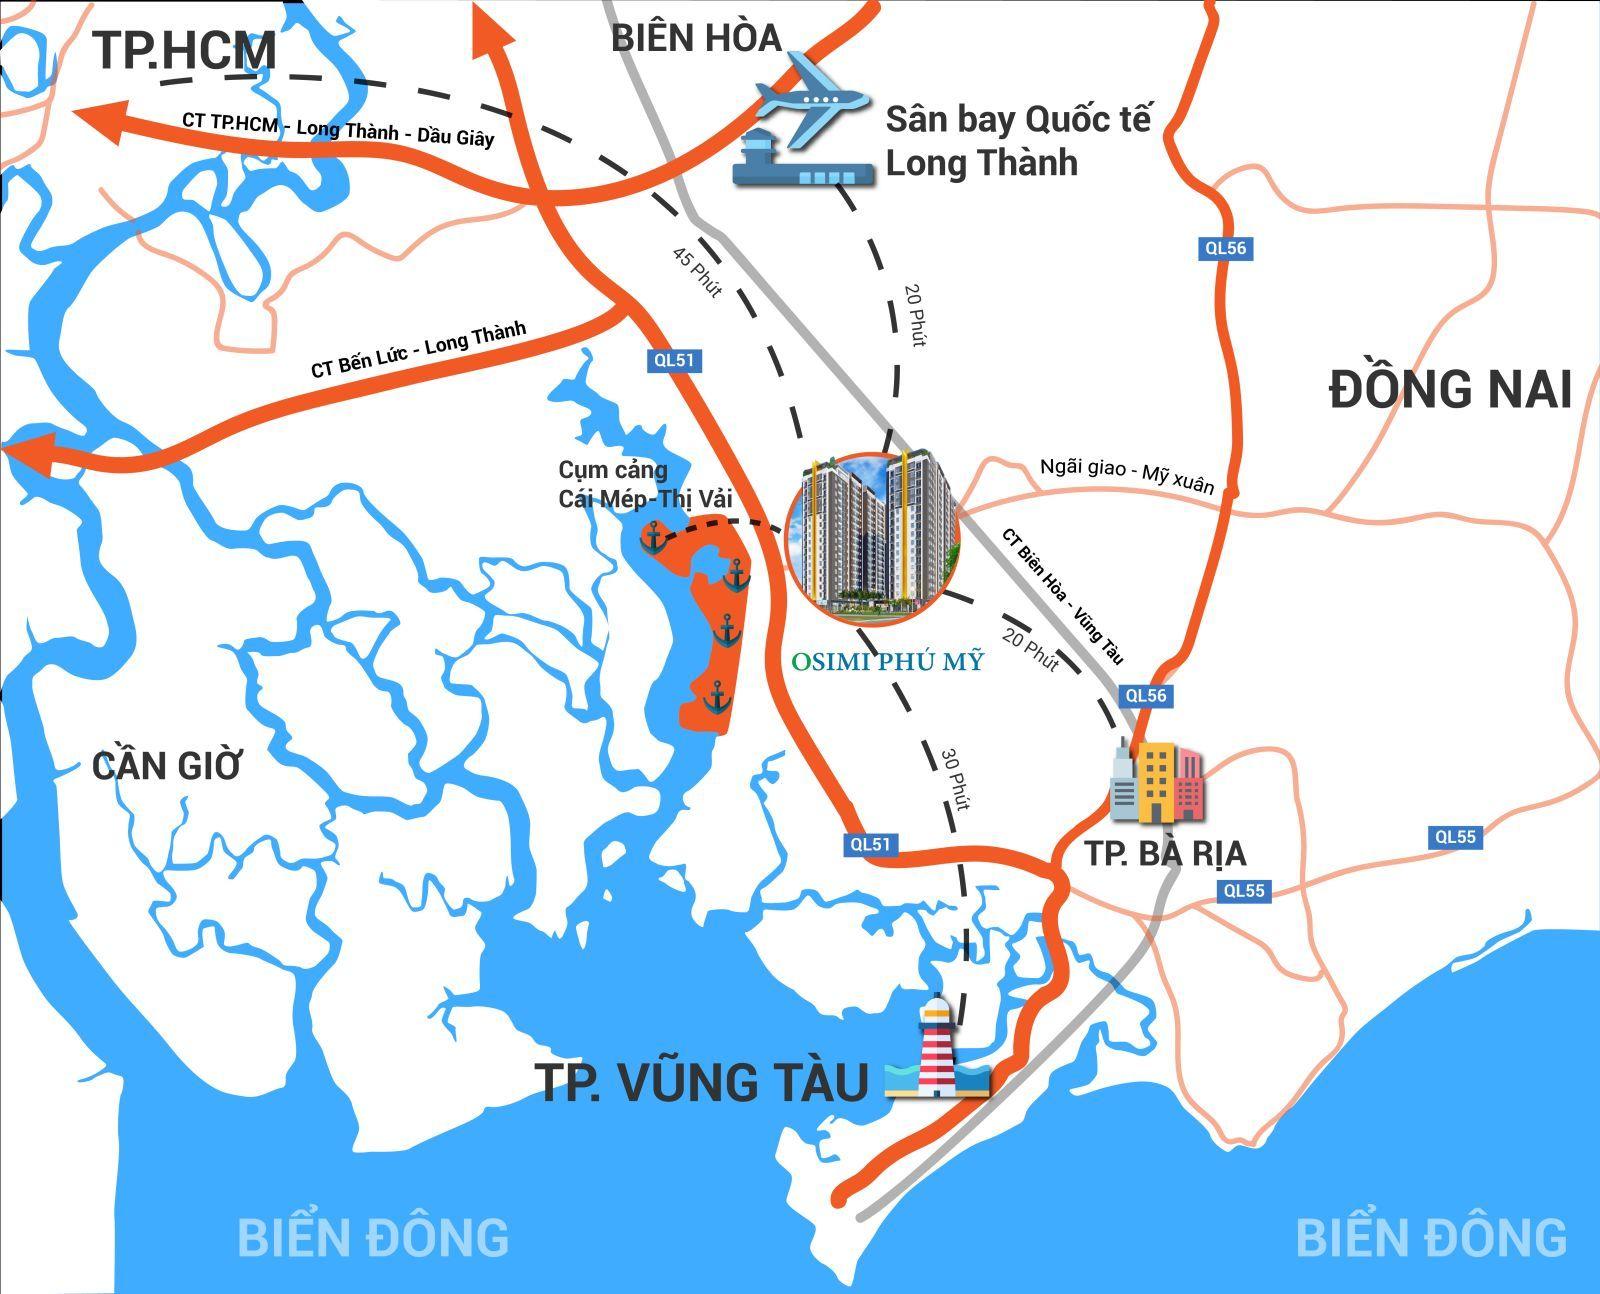 Osimi Phú Mỹ 'giải cơn khát' căn hộ tầm trung ở Bà Rịa Vũng Tàu